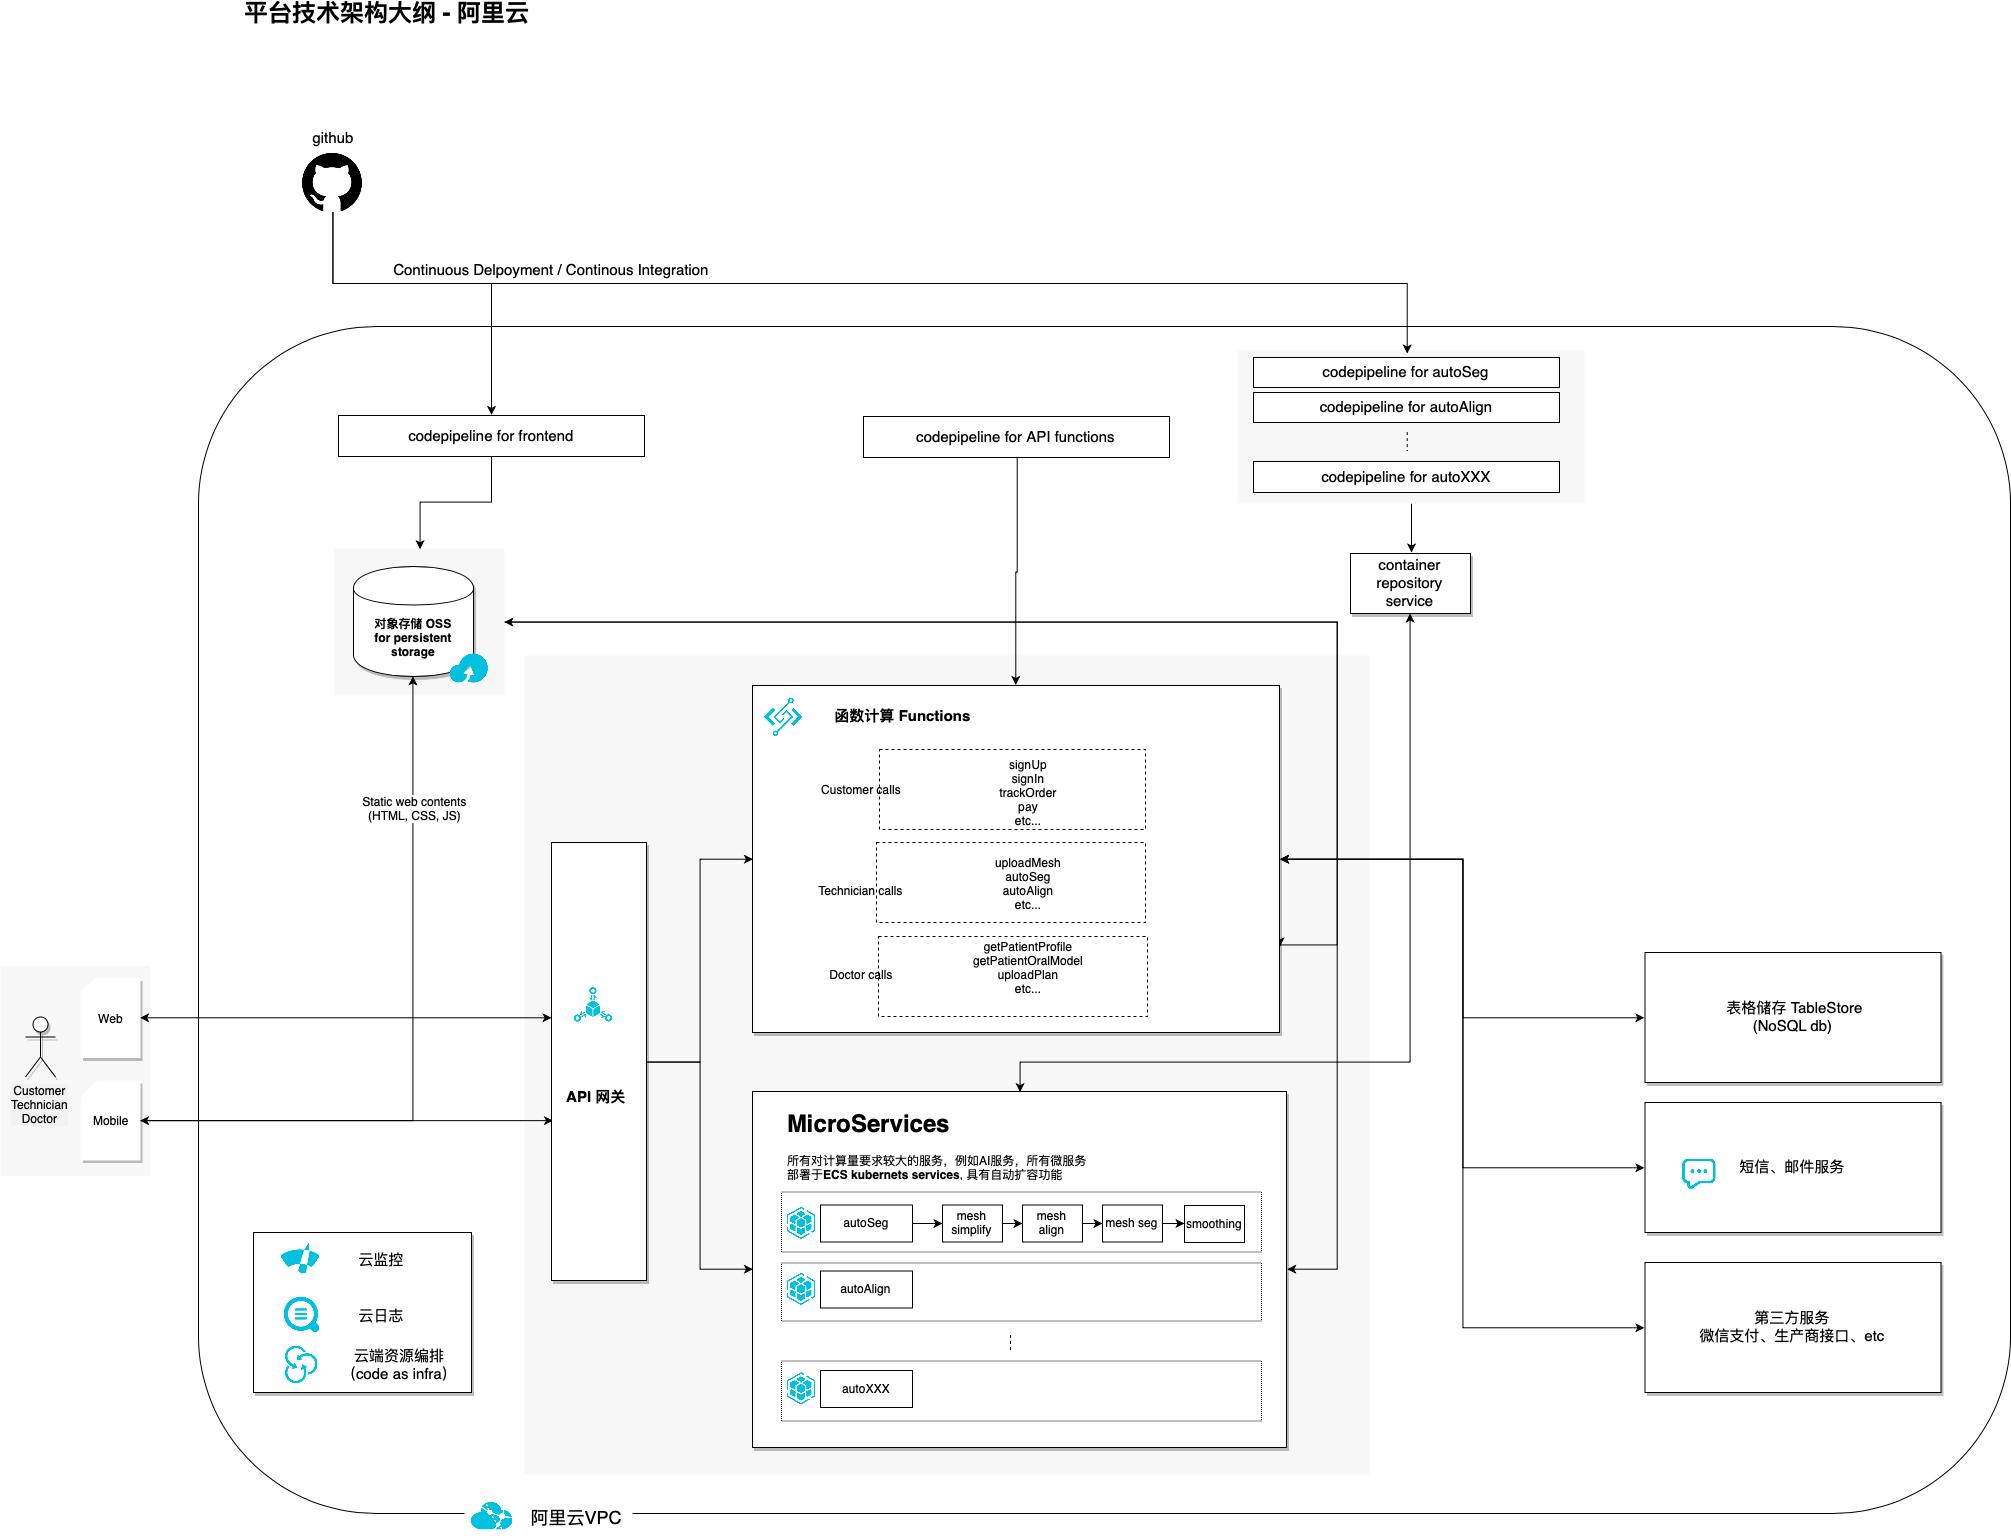 tech_architecture.xml